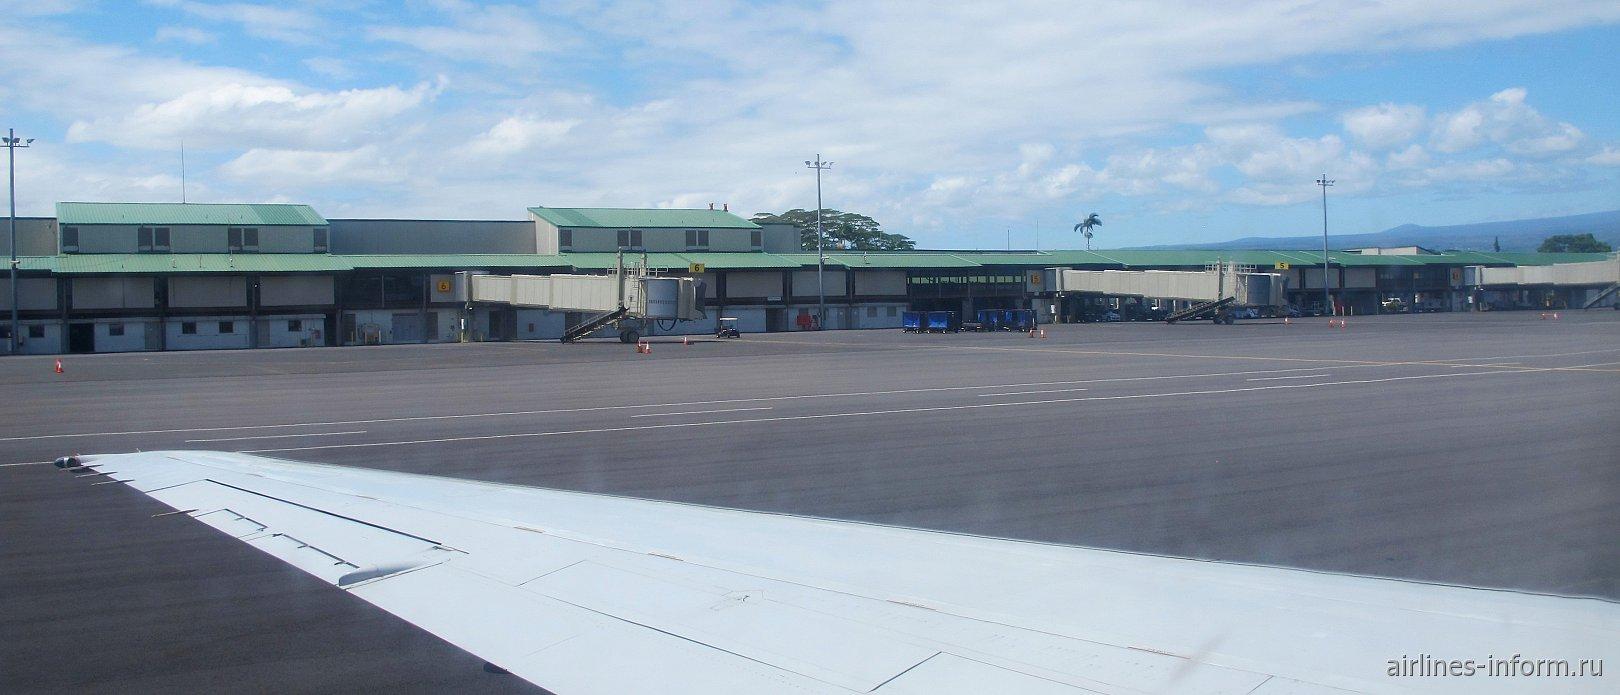 Пассажирский терминал аэропорта Хило с перрона